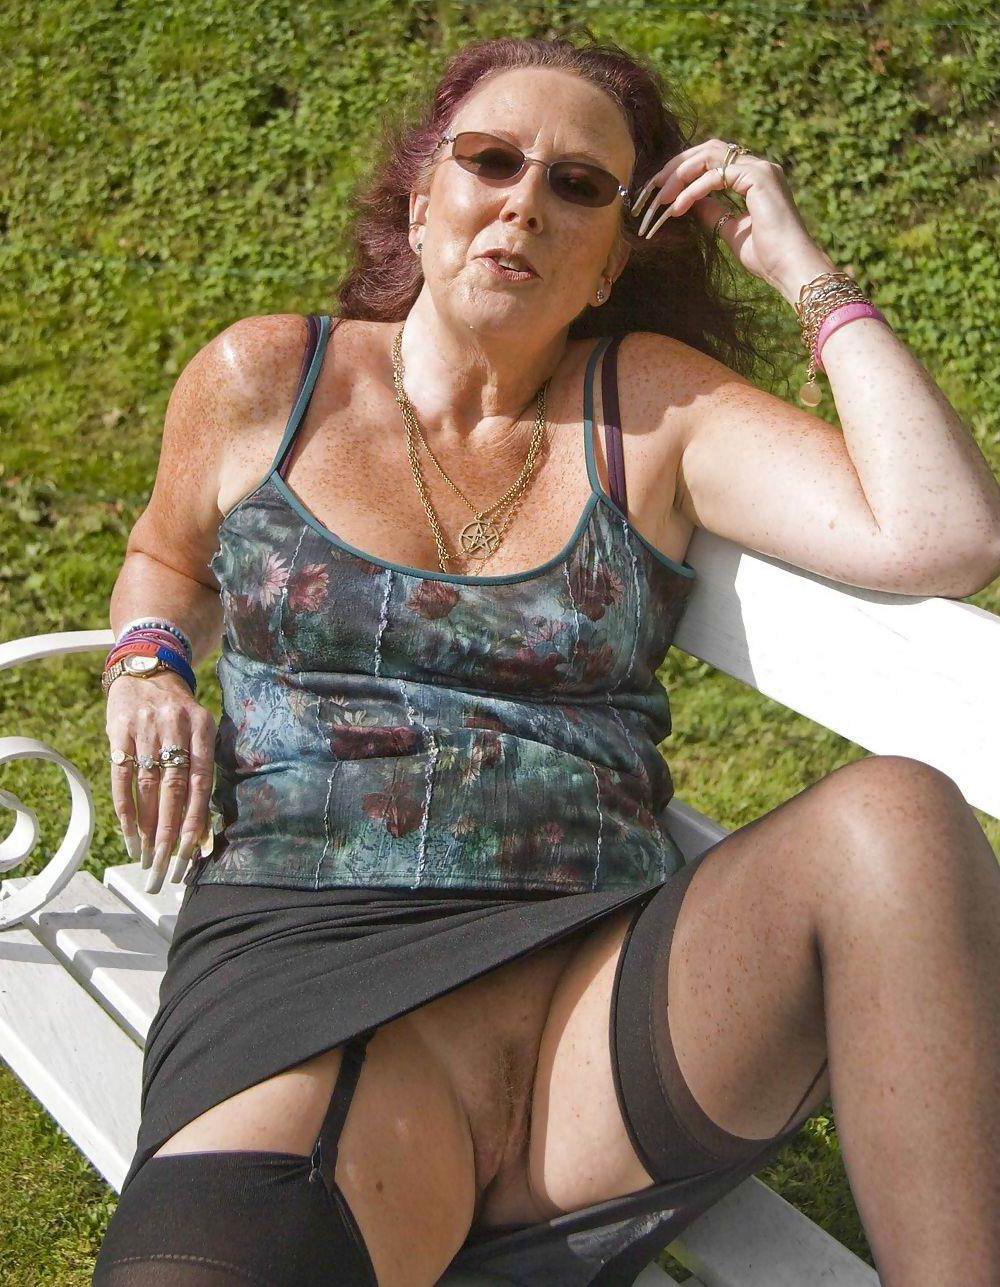 lassie granny porn pellicle